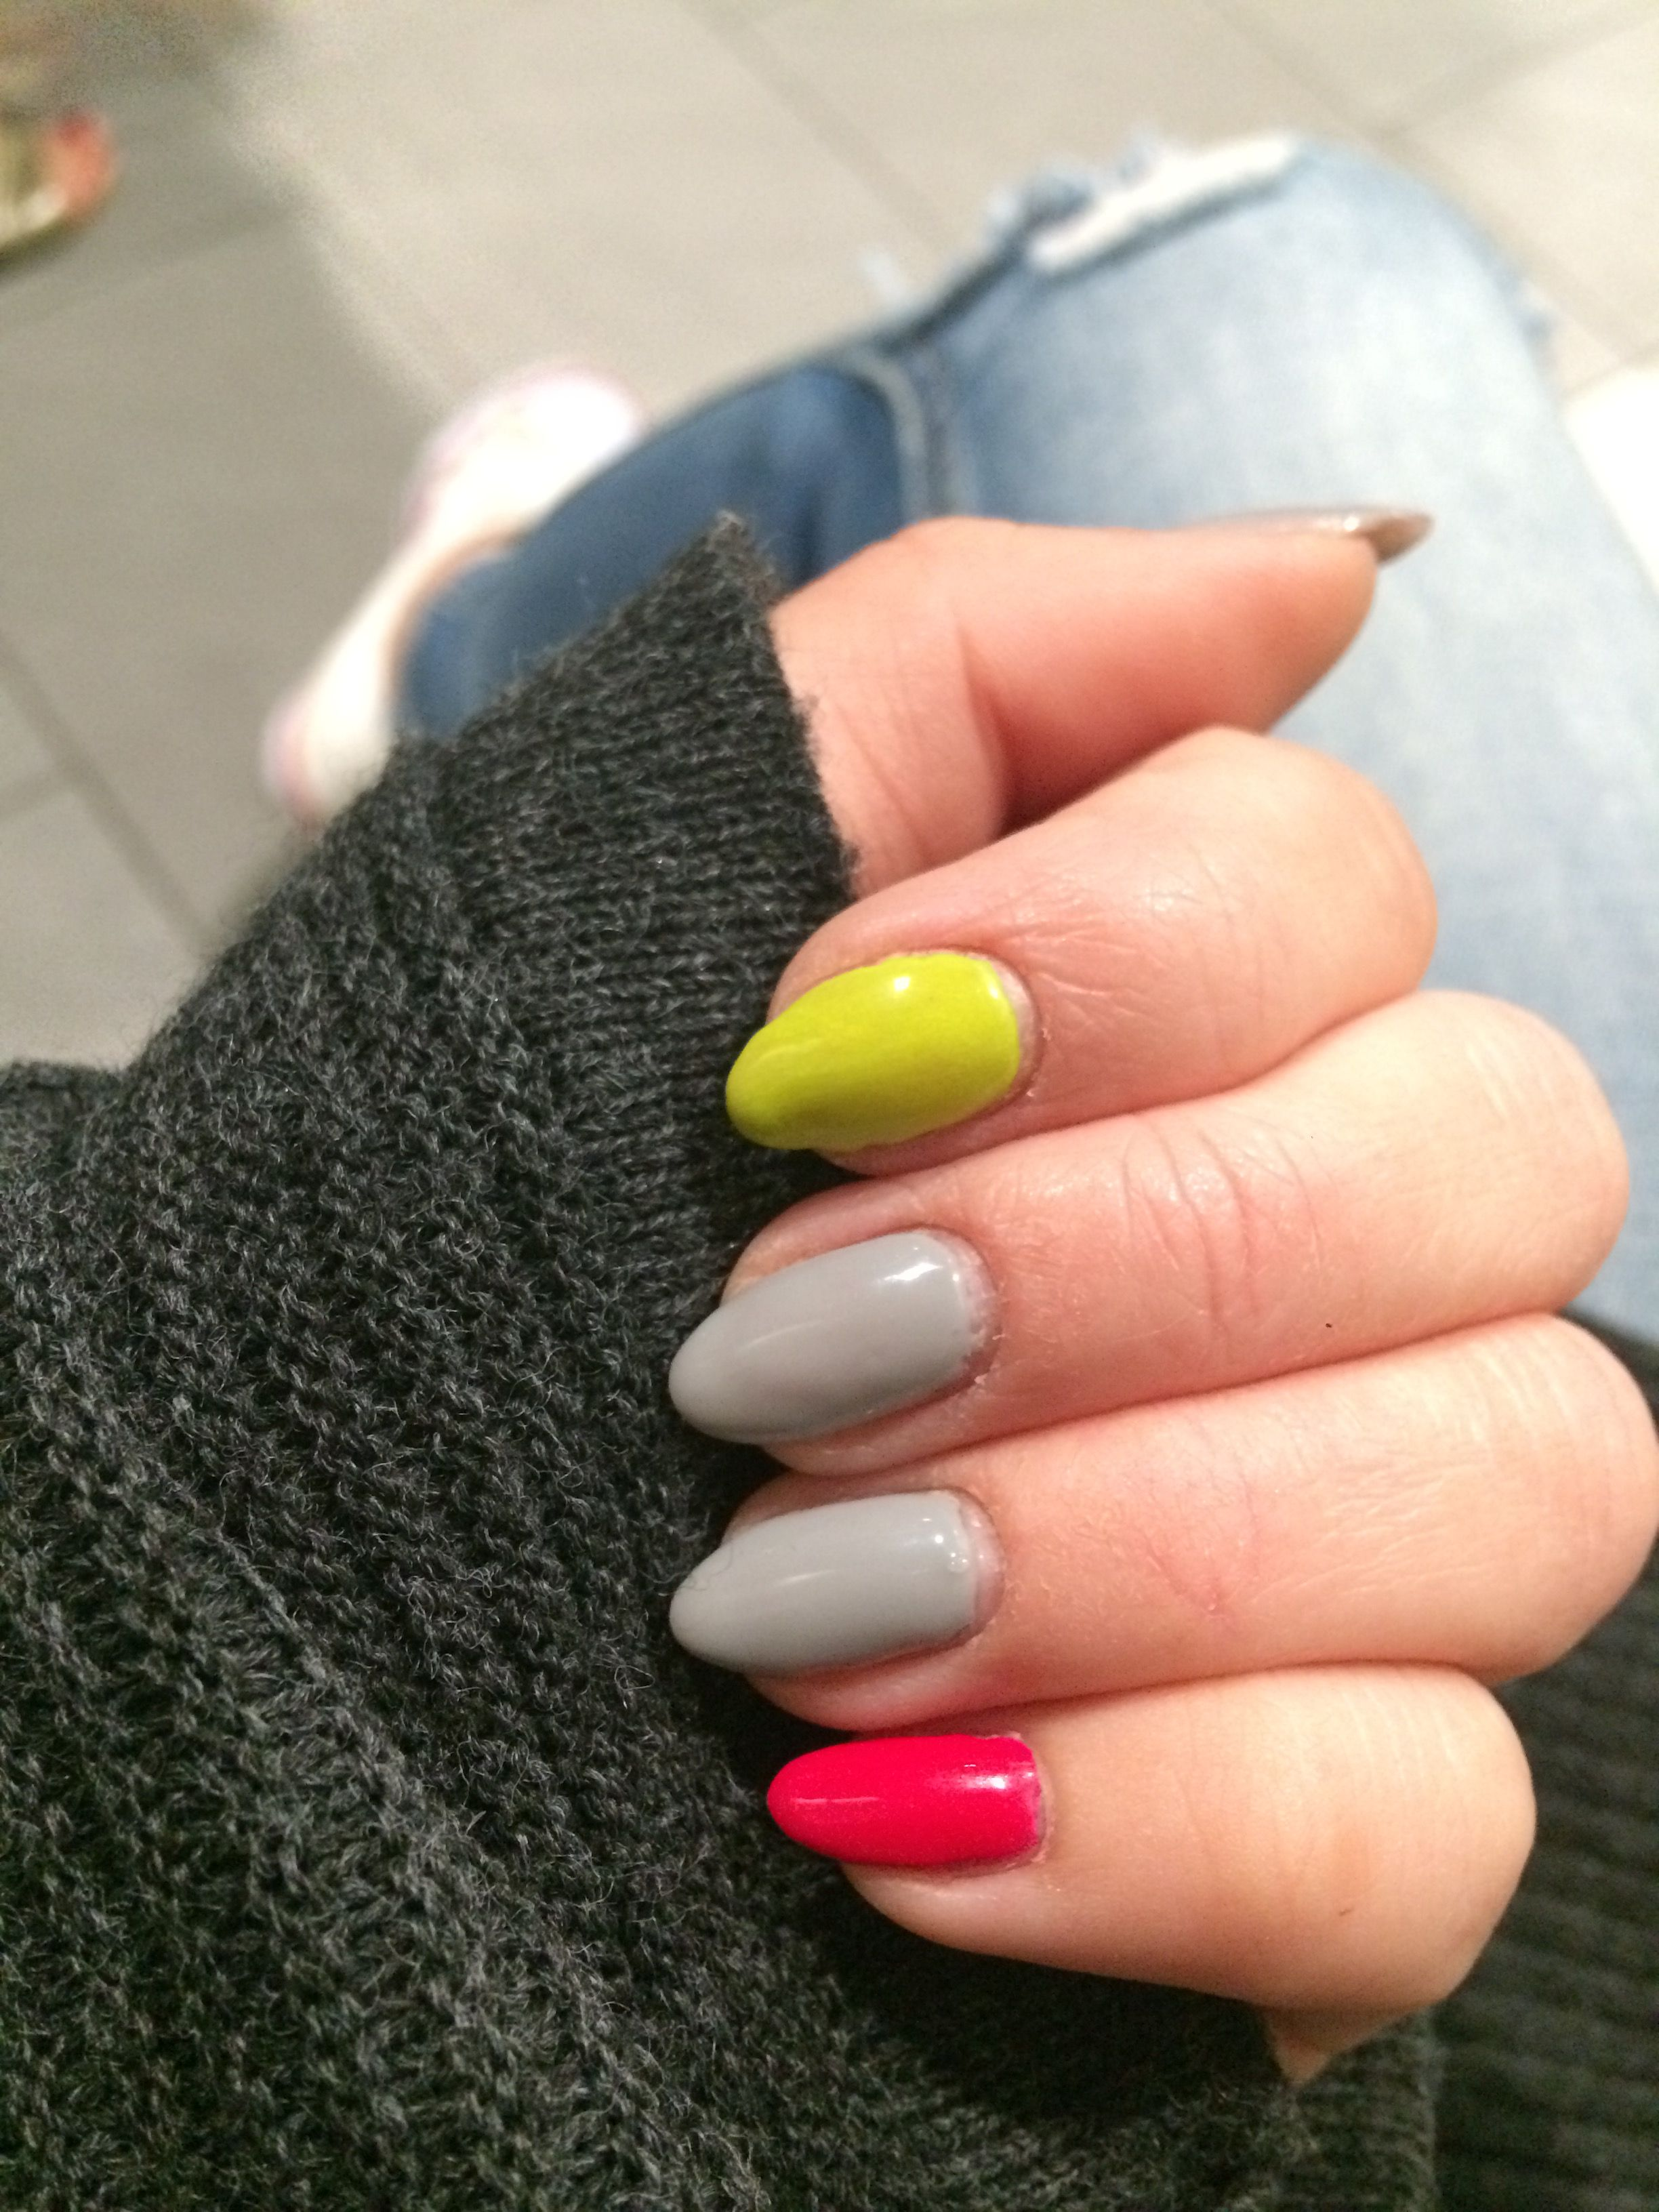 nails #nail #neon #summer #nail #yellow #pink #grey #perfectnails ...